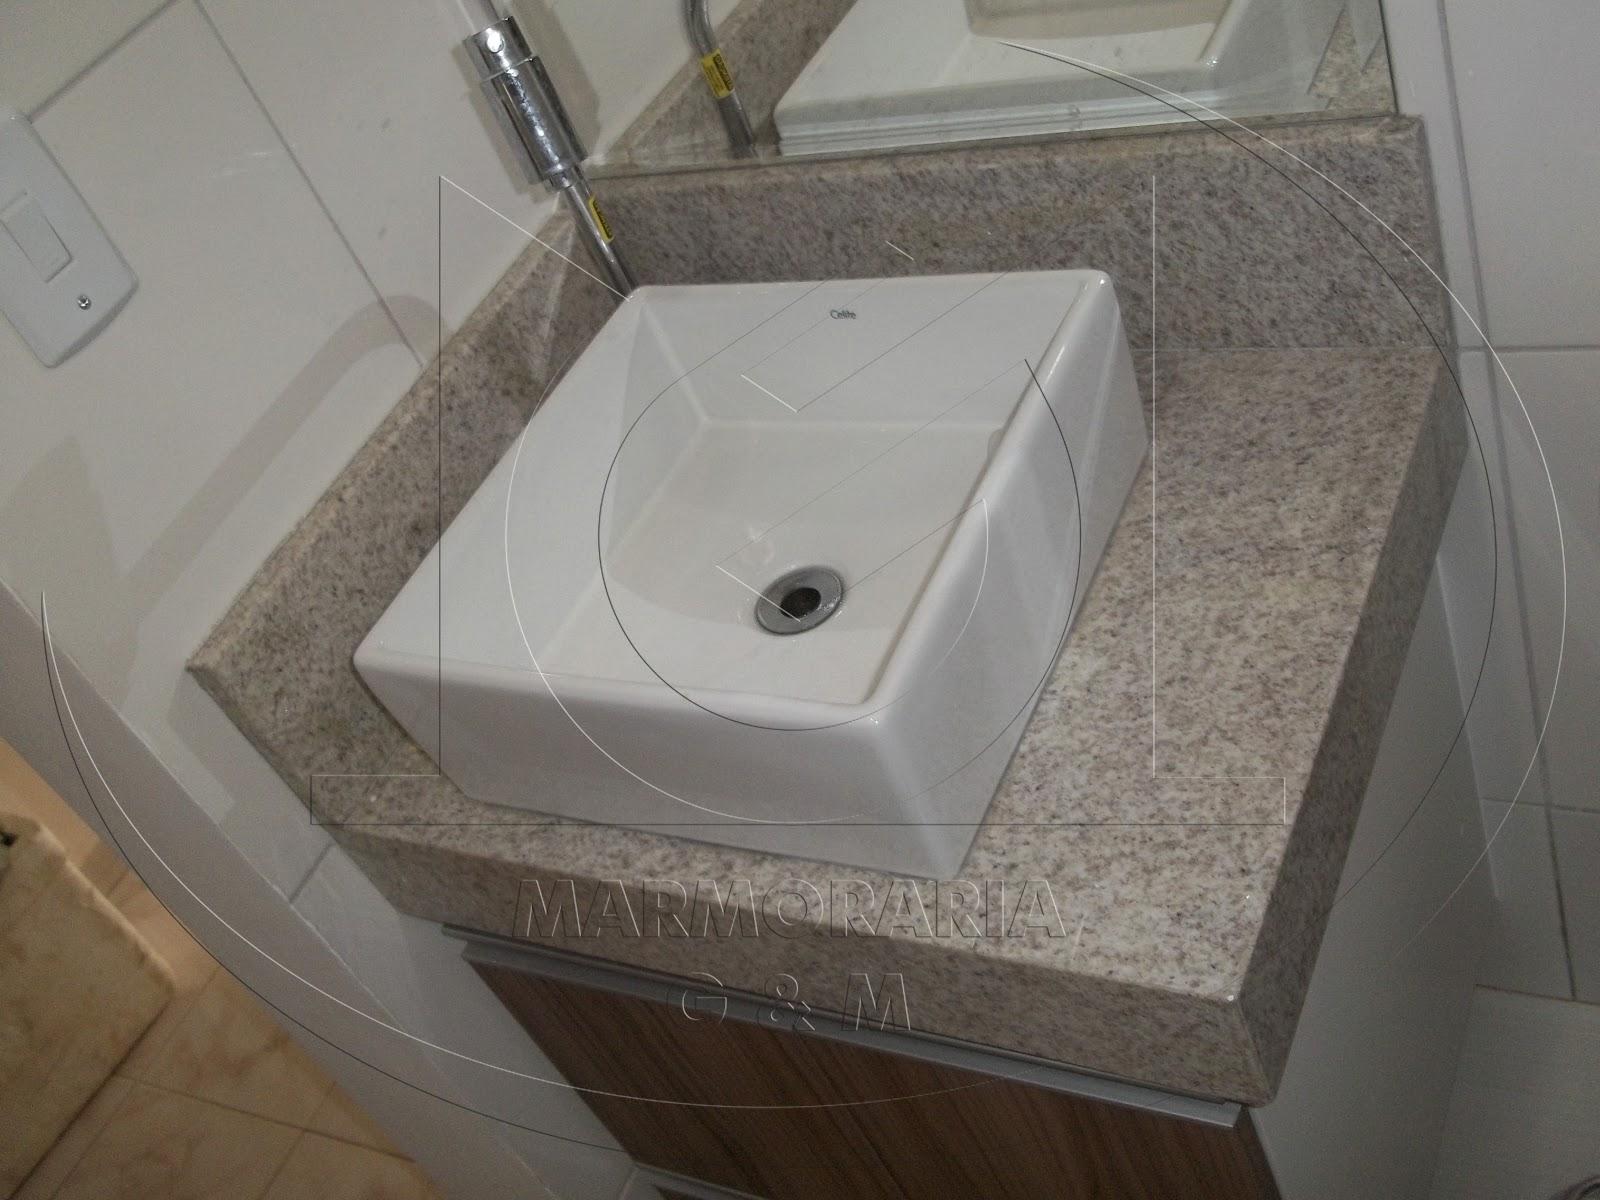 Lavatório em Granito Branco Siena Marmoraria Goiás e Minas #5D5041 1600x1200 Banheiro Com Granito Branco Siena